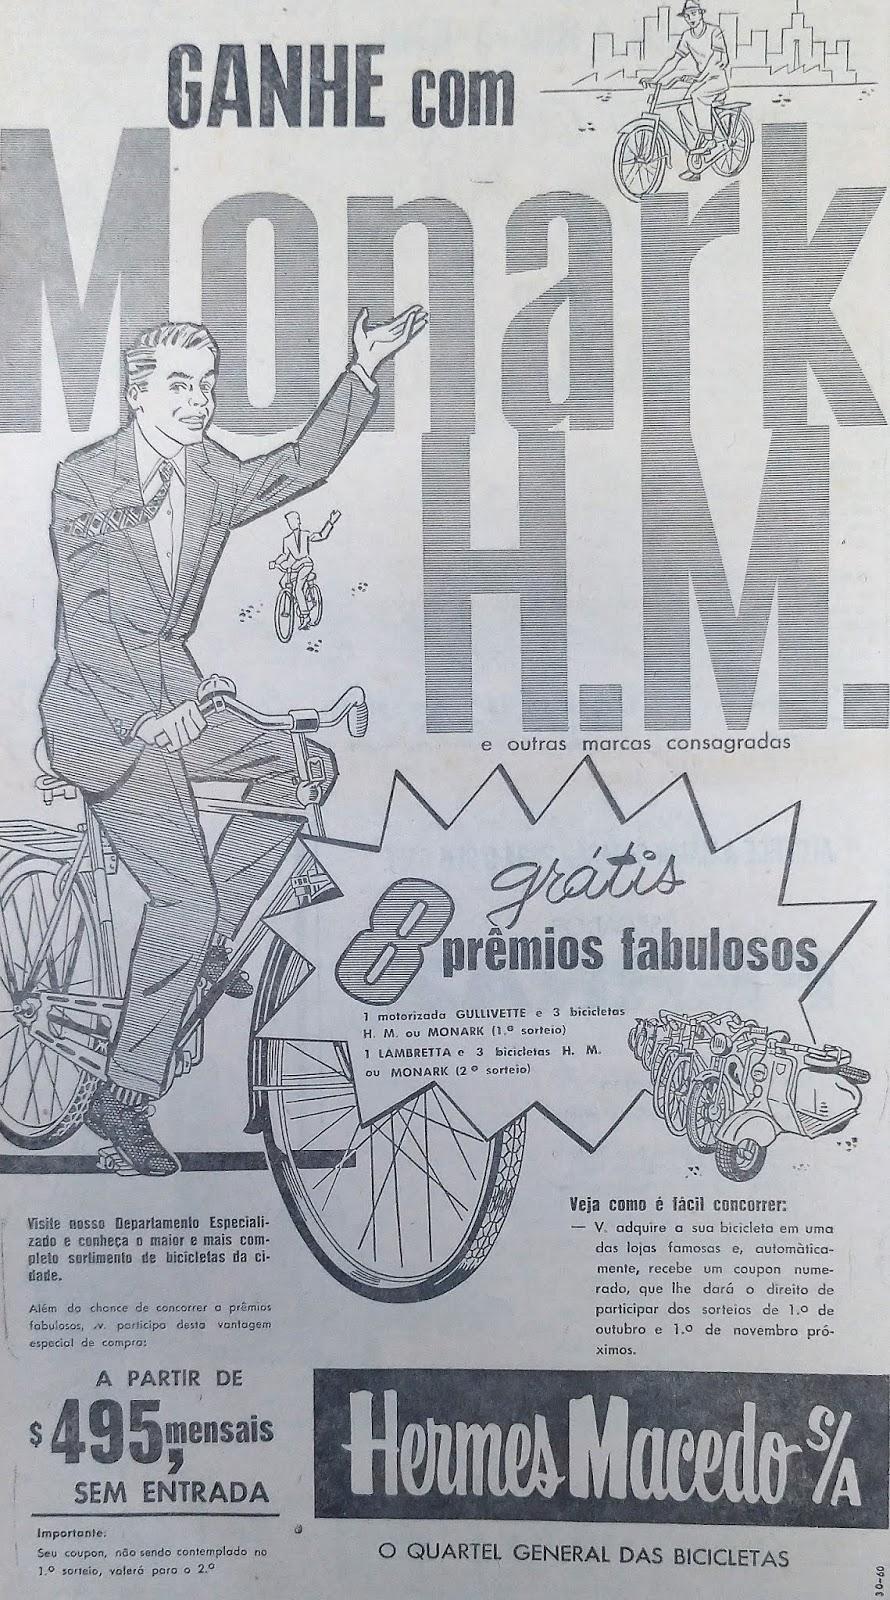 Promoção da Hermes Macedo - 1960